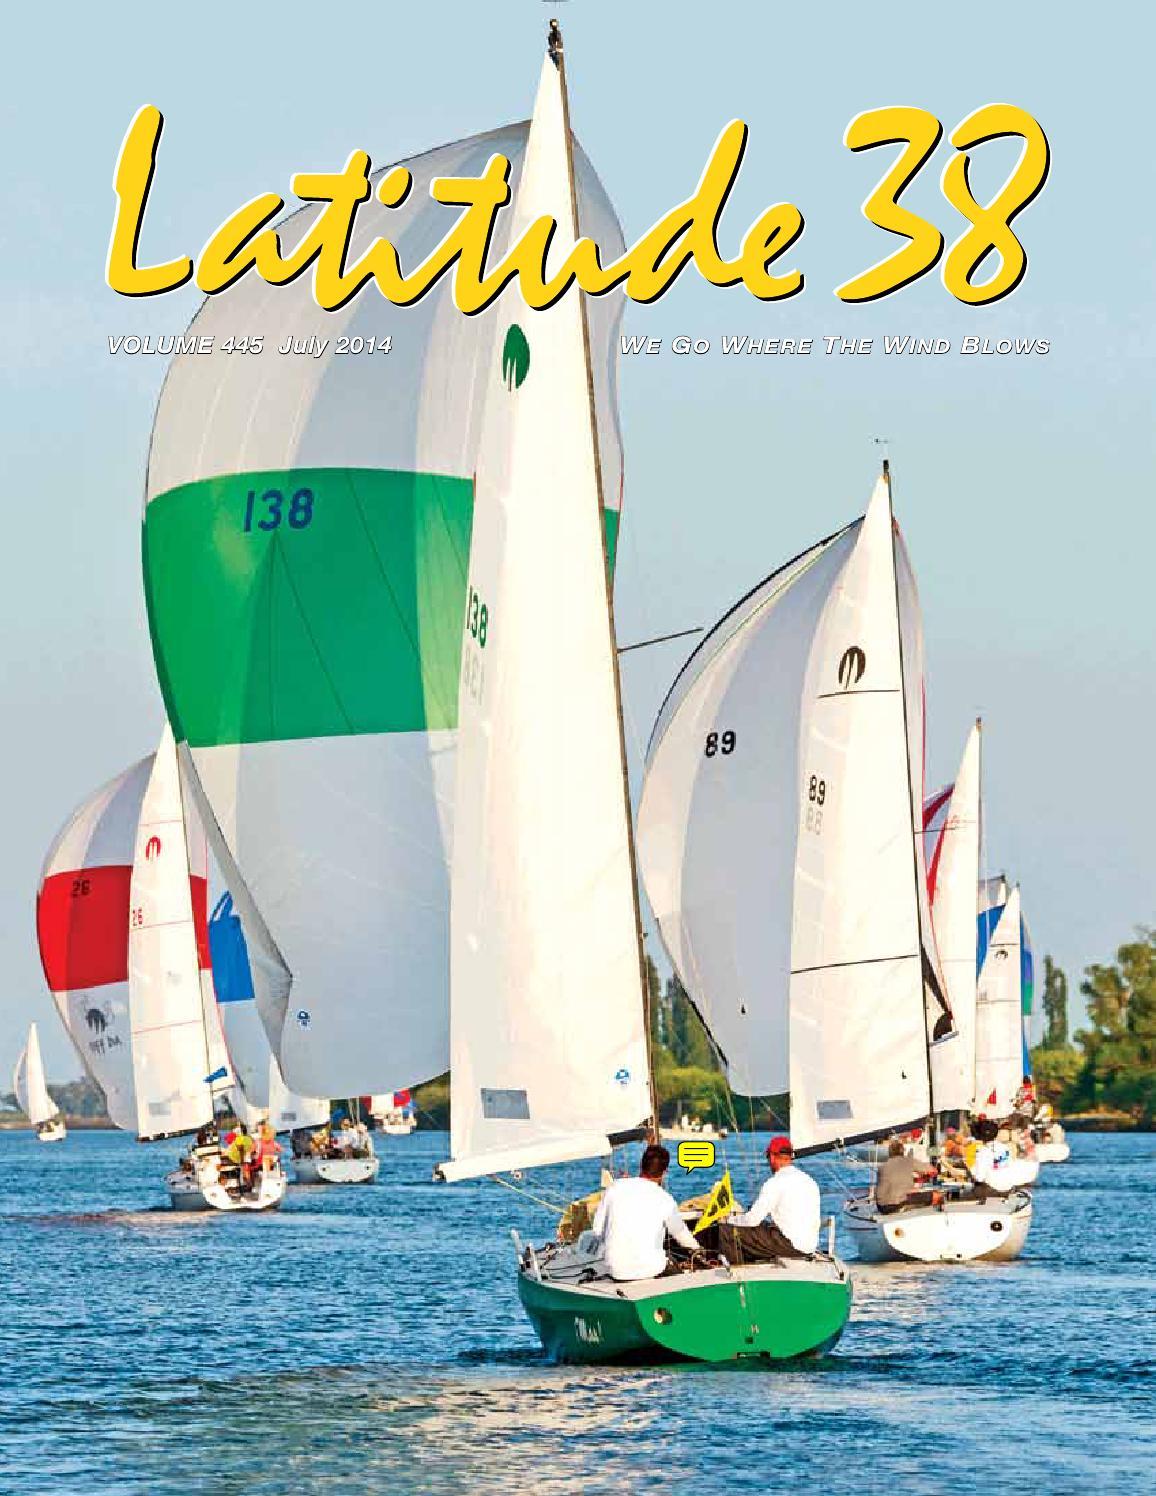 Latitude 38 july 2014 by latitude 38 media llc issuu fandeluxe Images